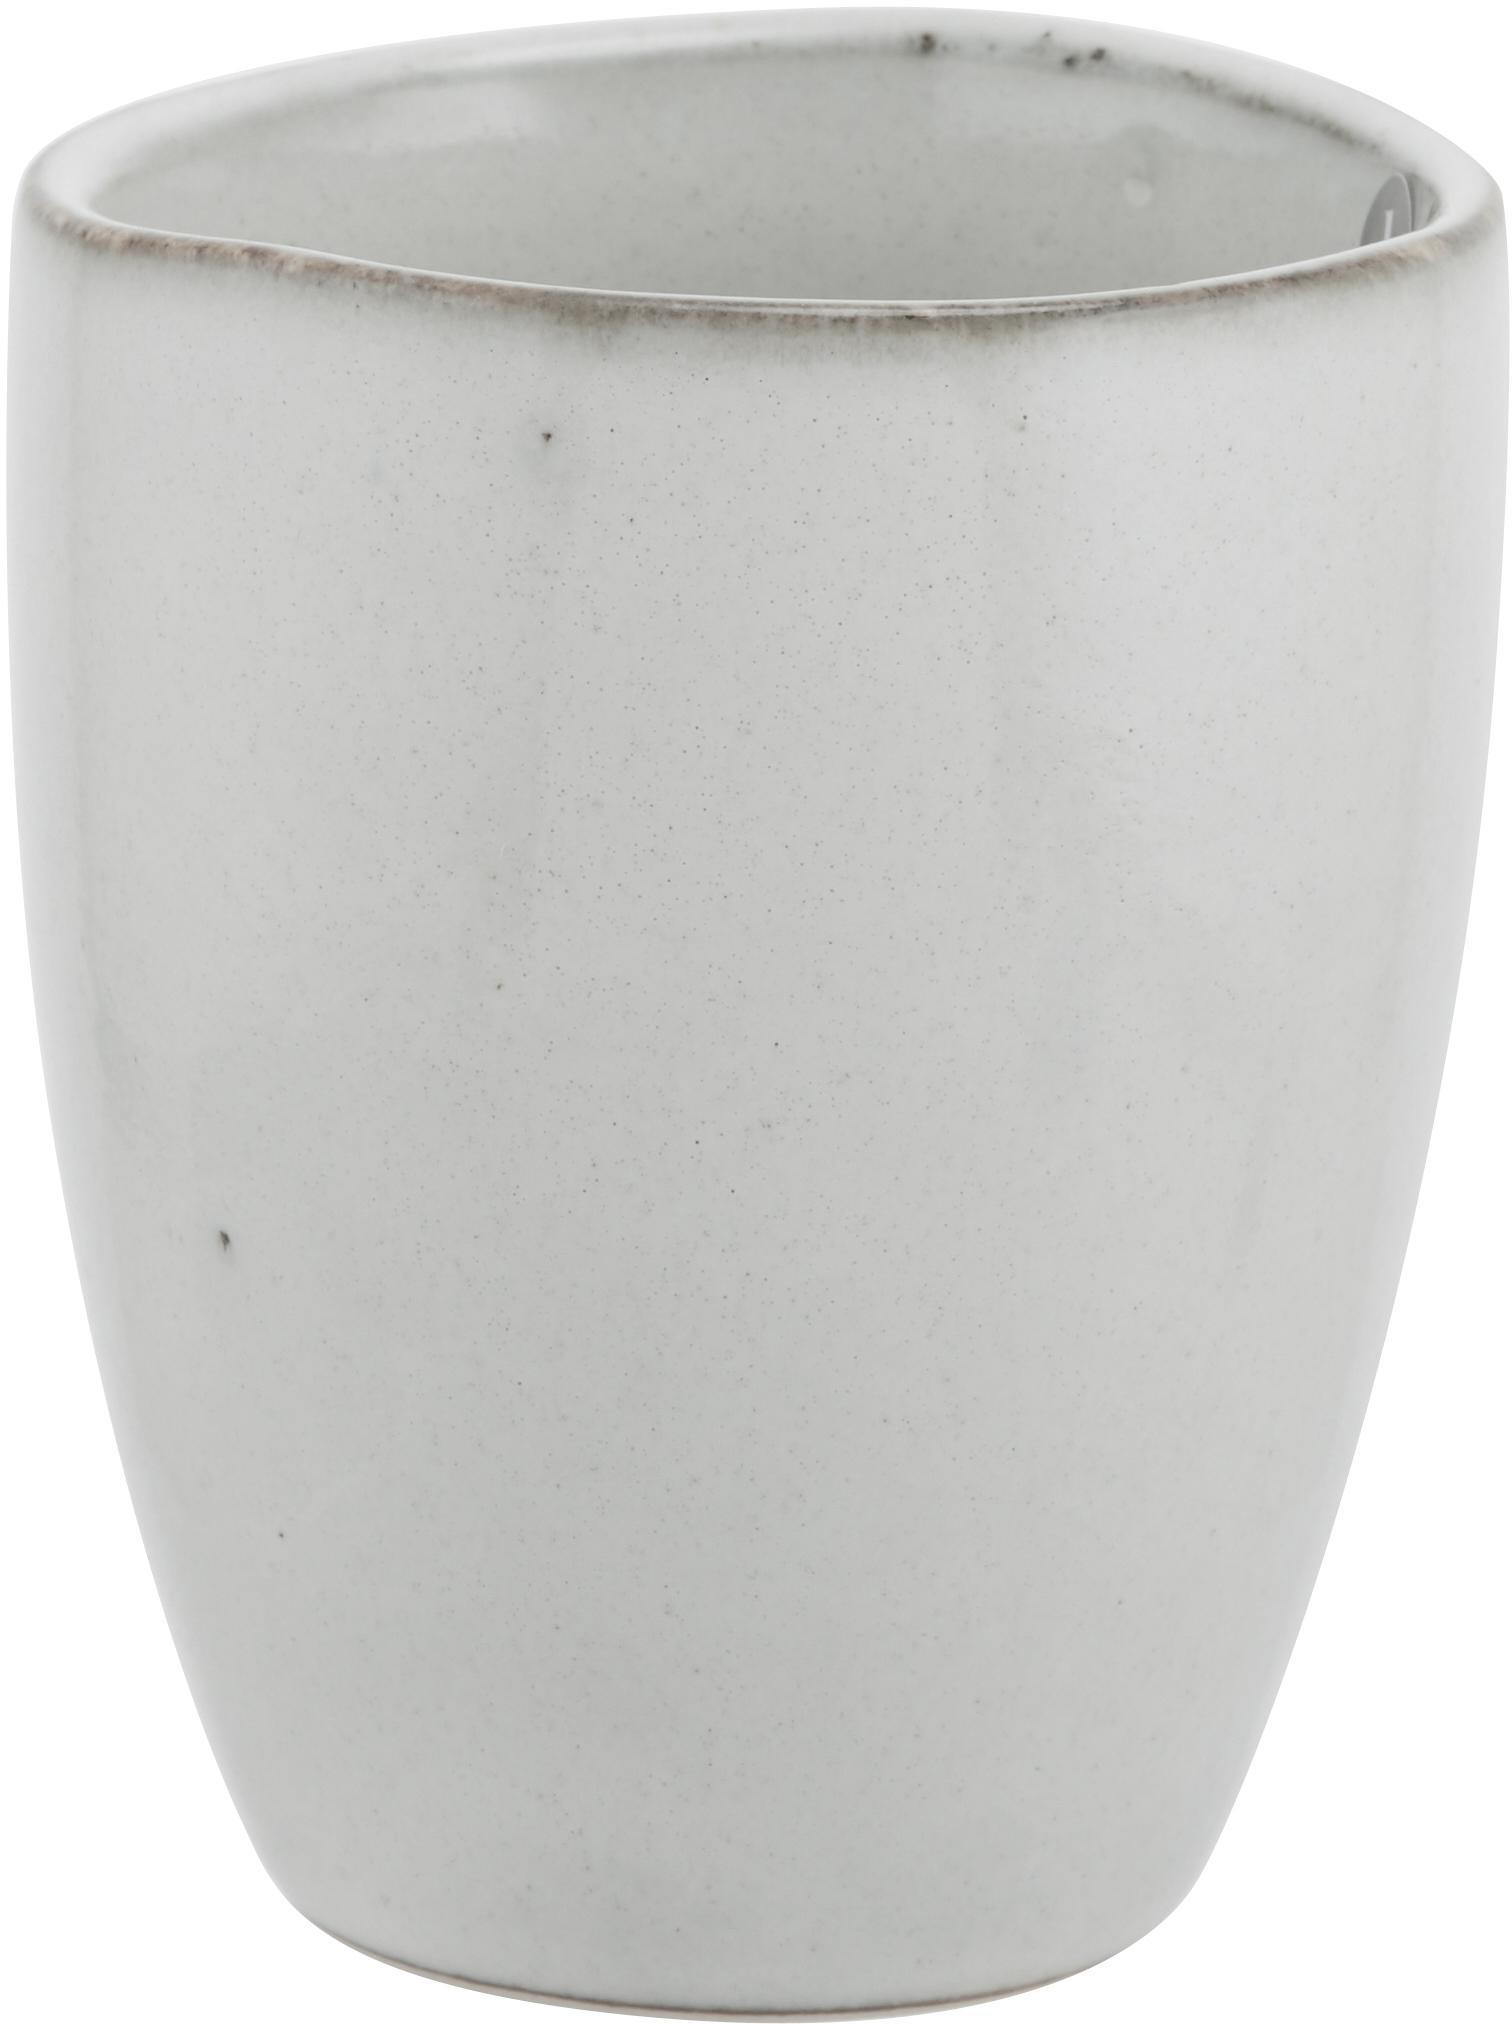 Tazas artesanales Nordic Sand, 6uds., Gres, Arena, Ø 8 x Al 10 cm